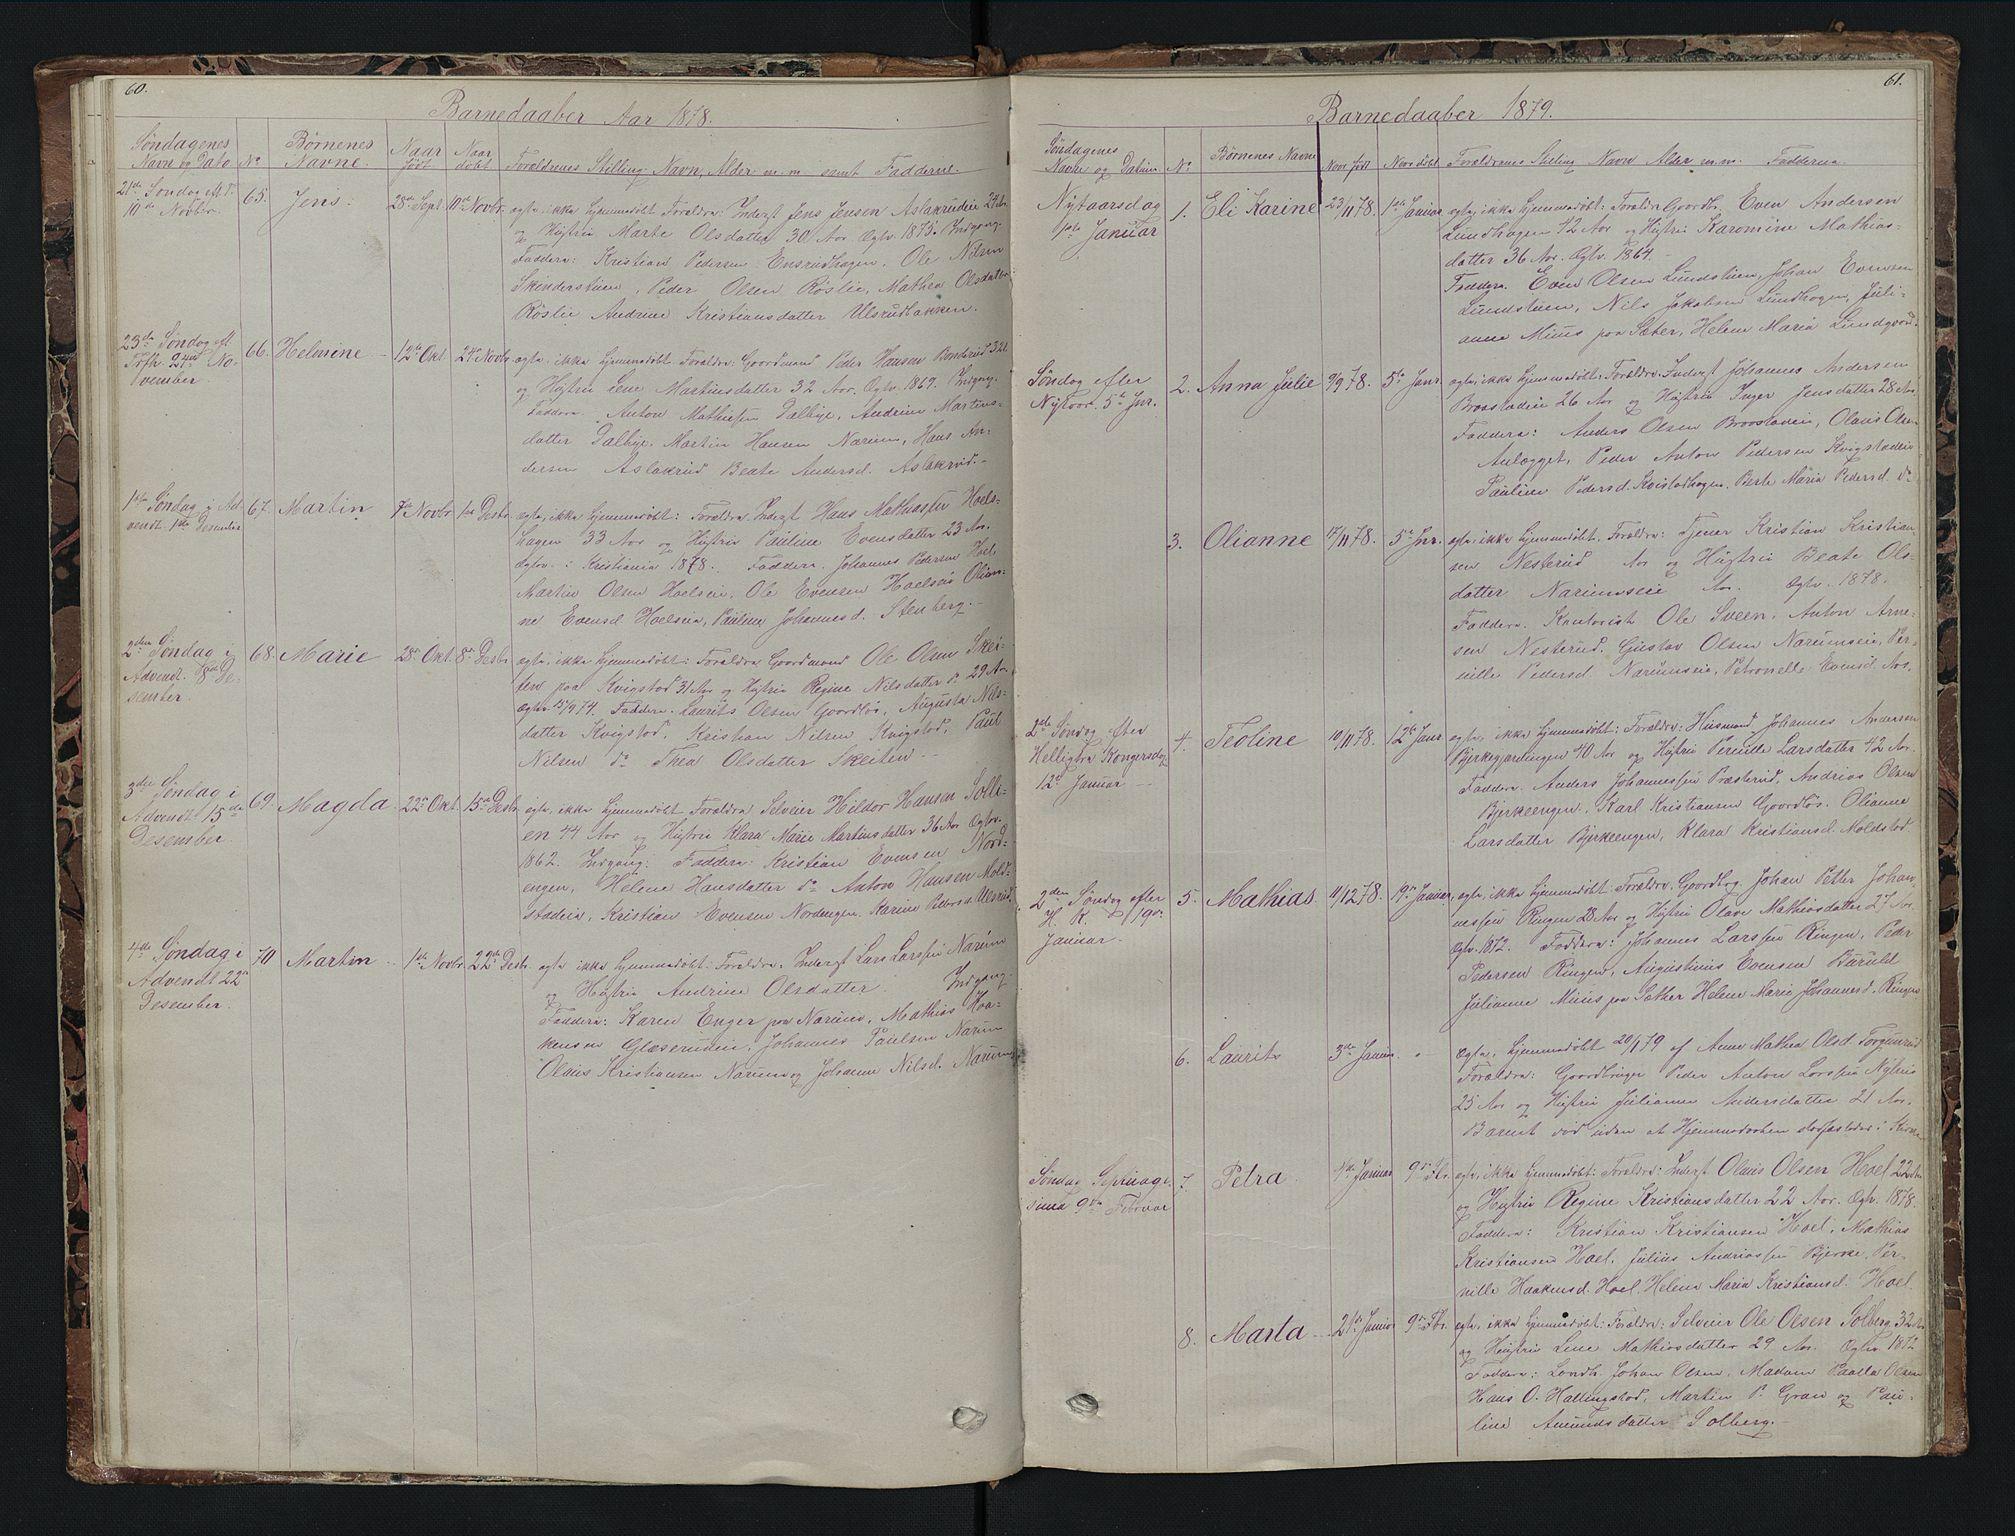 SAH, Vestre Toten prestekontor, H/Ha/Hab/L0007: Klokkerbok nr. 7, 1872-1900, s. 60-61